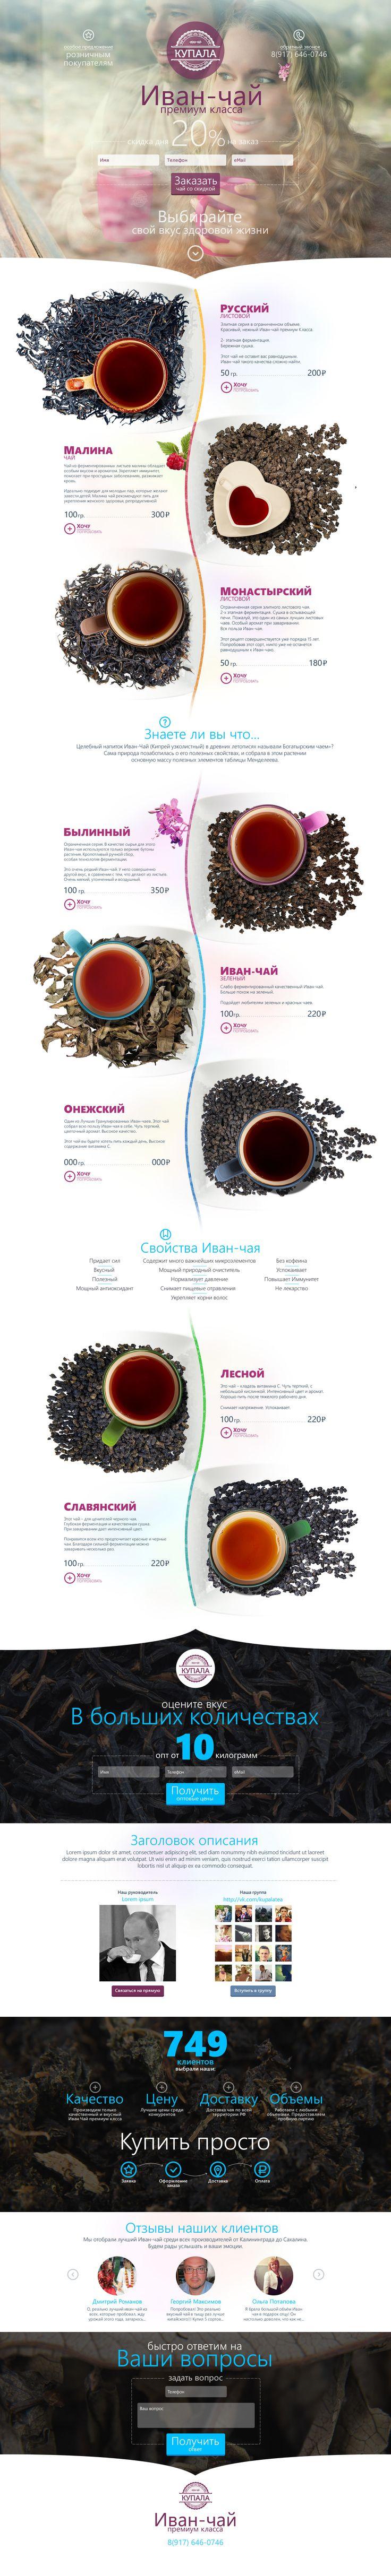 Заказать Landing Page Иван - чай, создание лендинг пейдж с уникальным дизайном